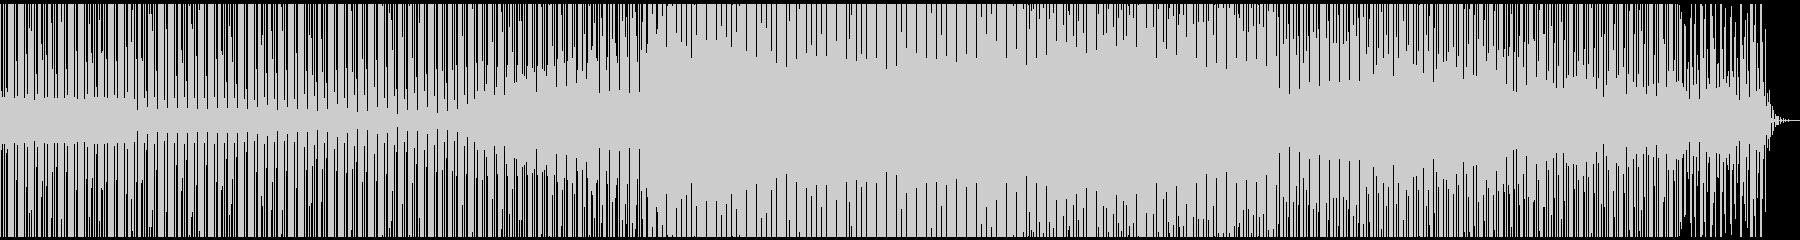 綺麗でambienceなdeeptechの未再生の波形